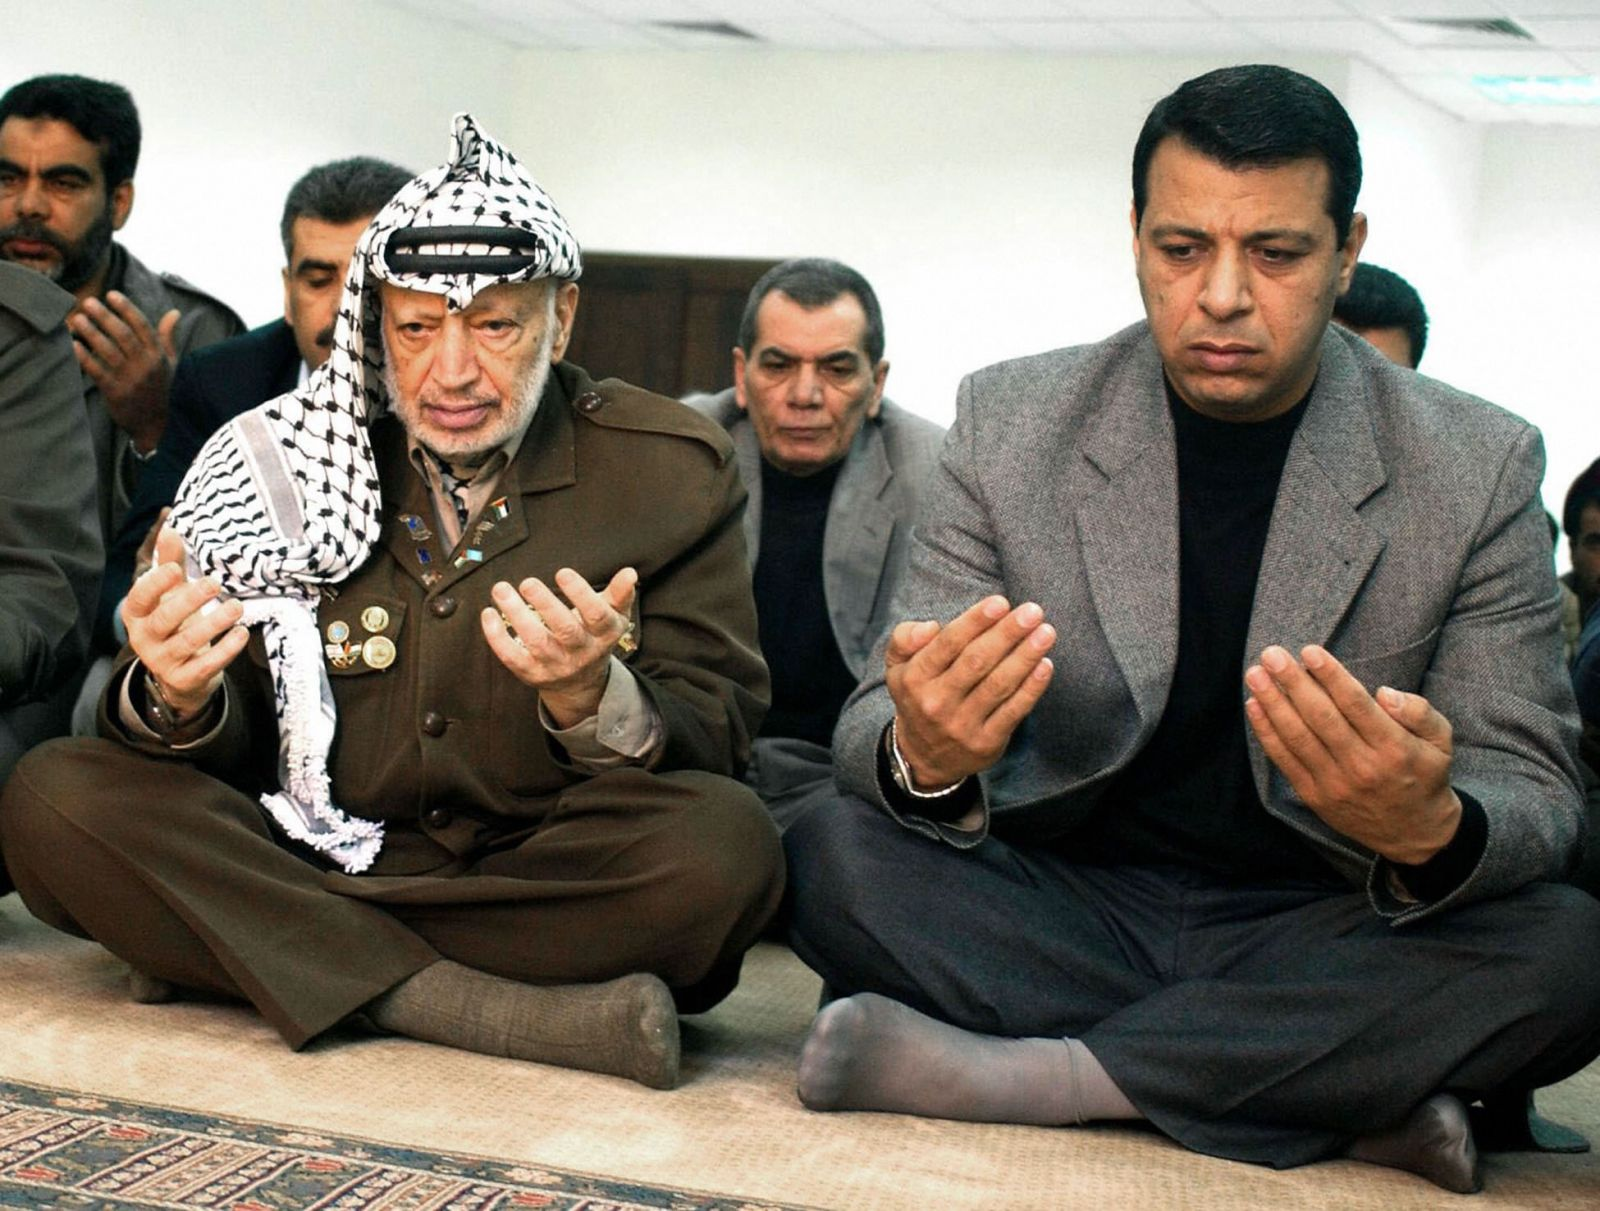 نتيجة بحث الصور عن ياسر عرفات المقاطعة